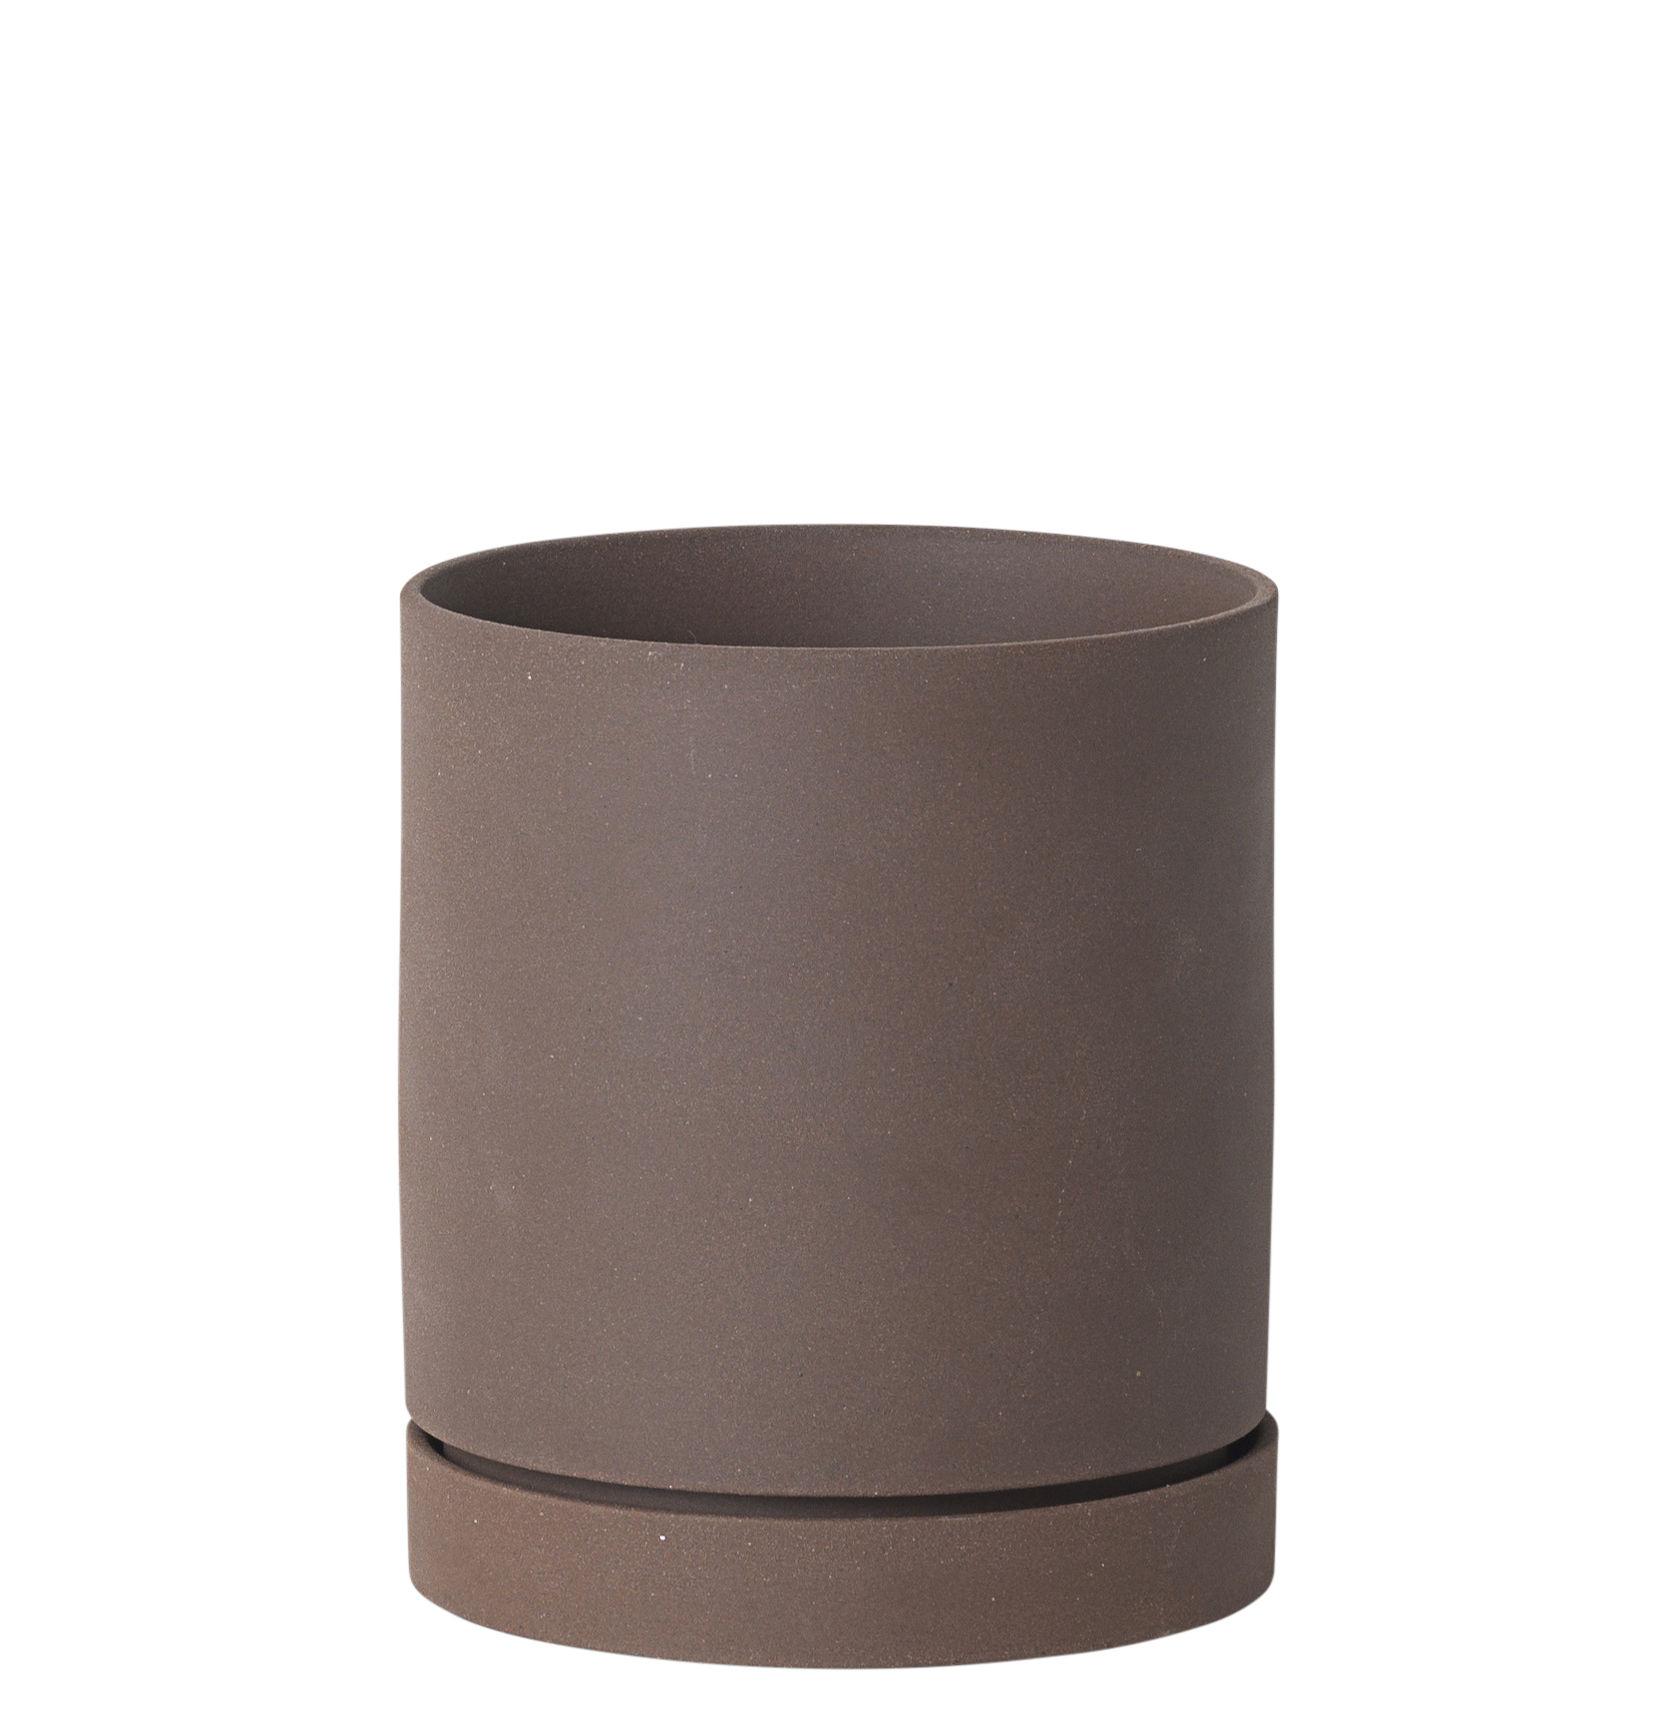 Outdoor - Töpfe und Pflanzen - Sekki Medium Blumentopf / Ø 13,5 cm x H 15,7 cm - Steinzeug - Ferm Living - Rost - Sandstein